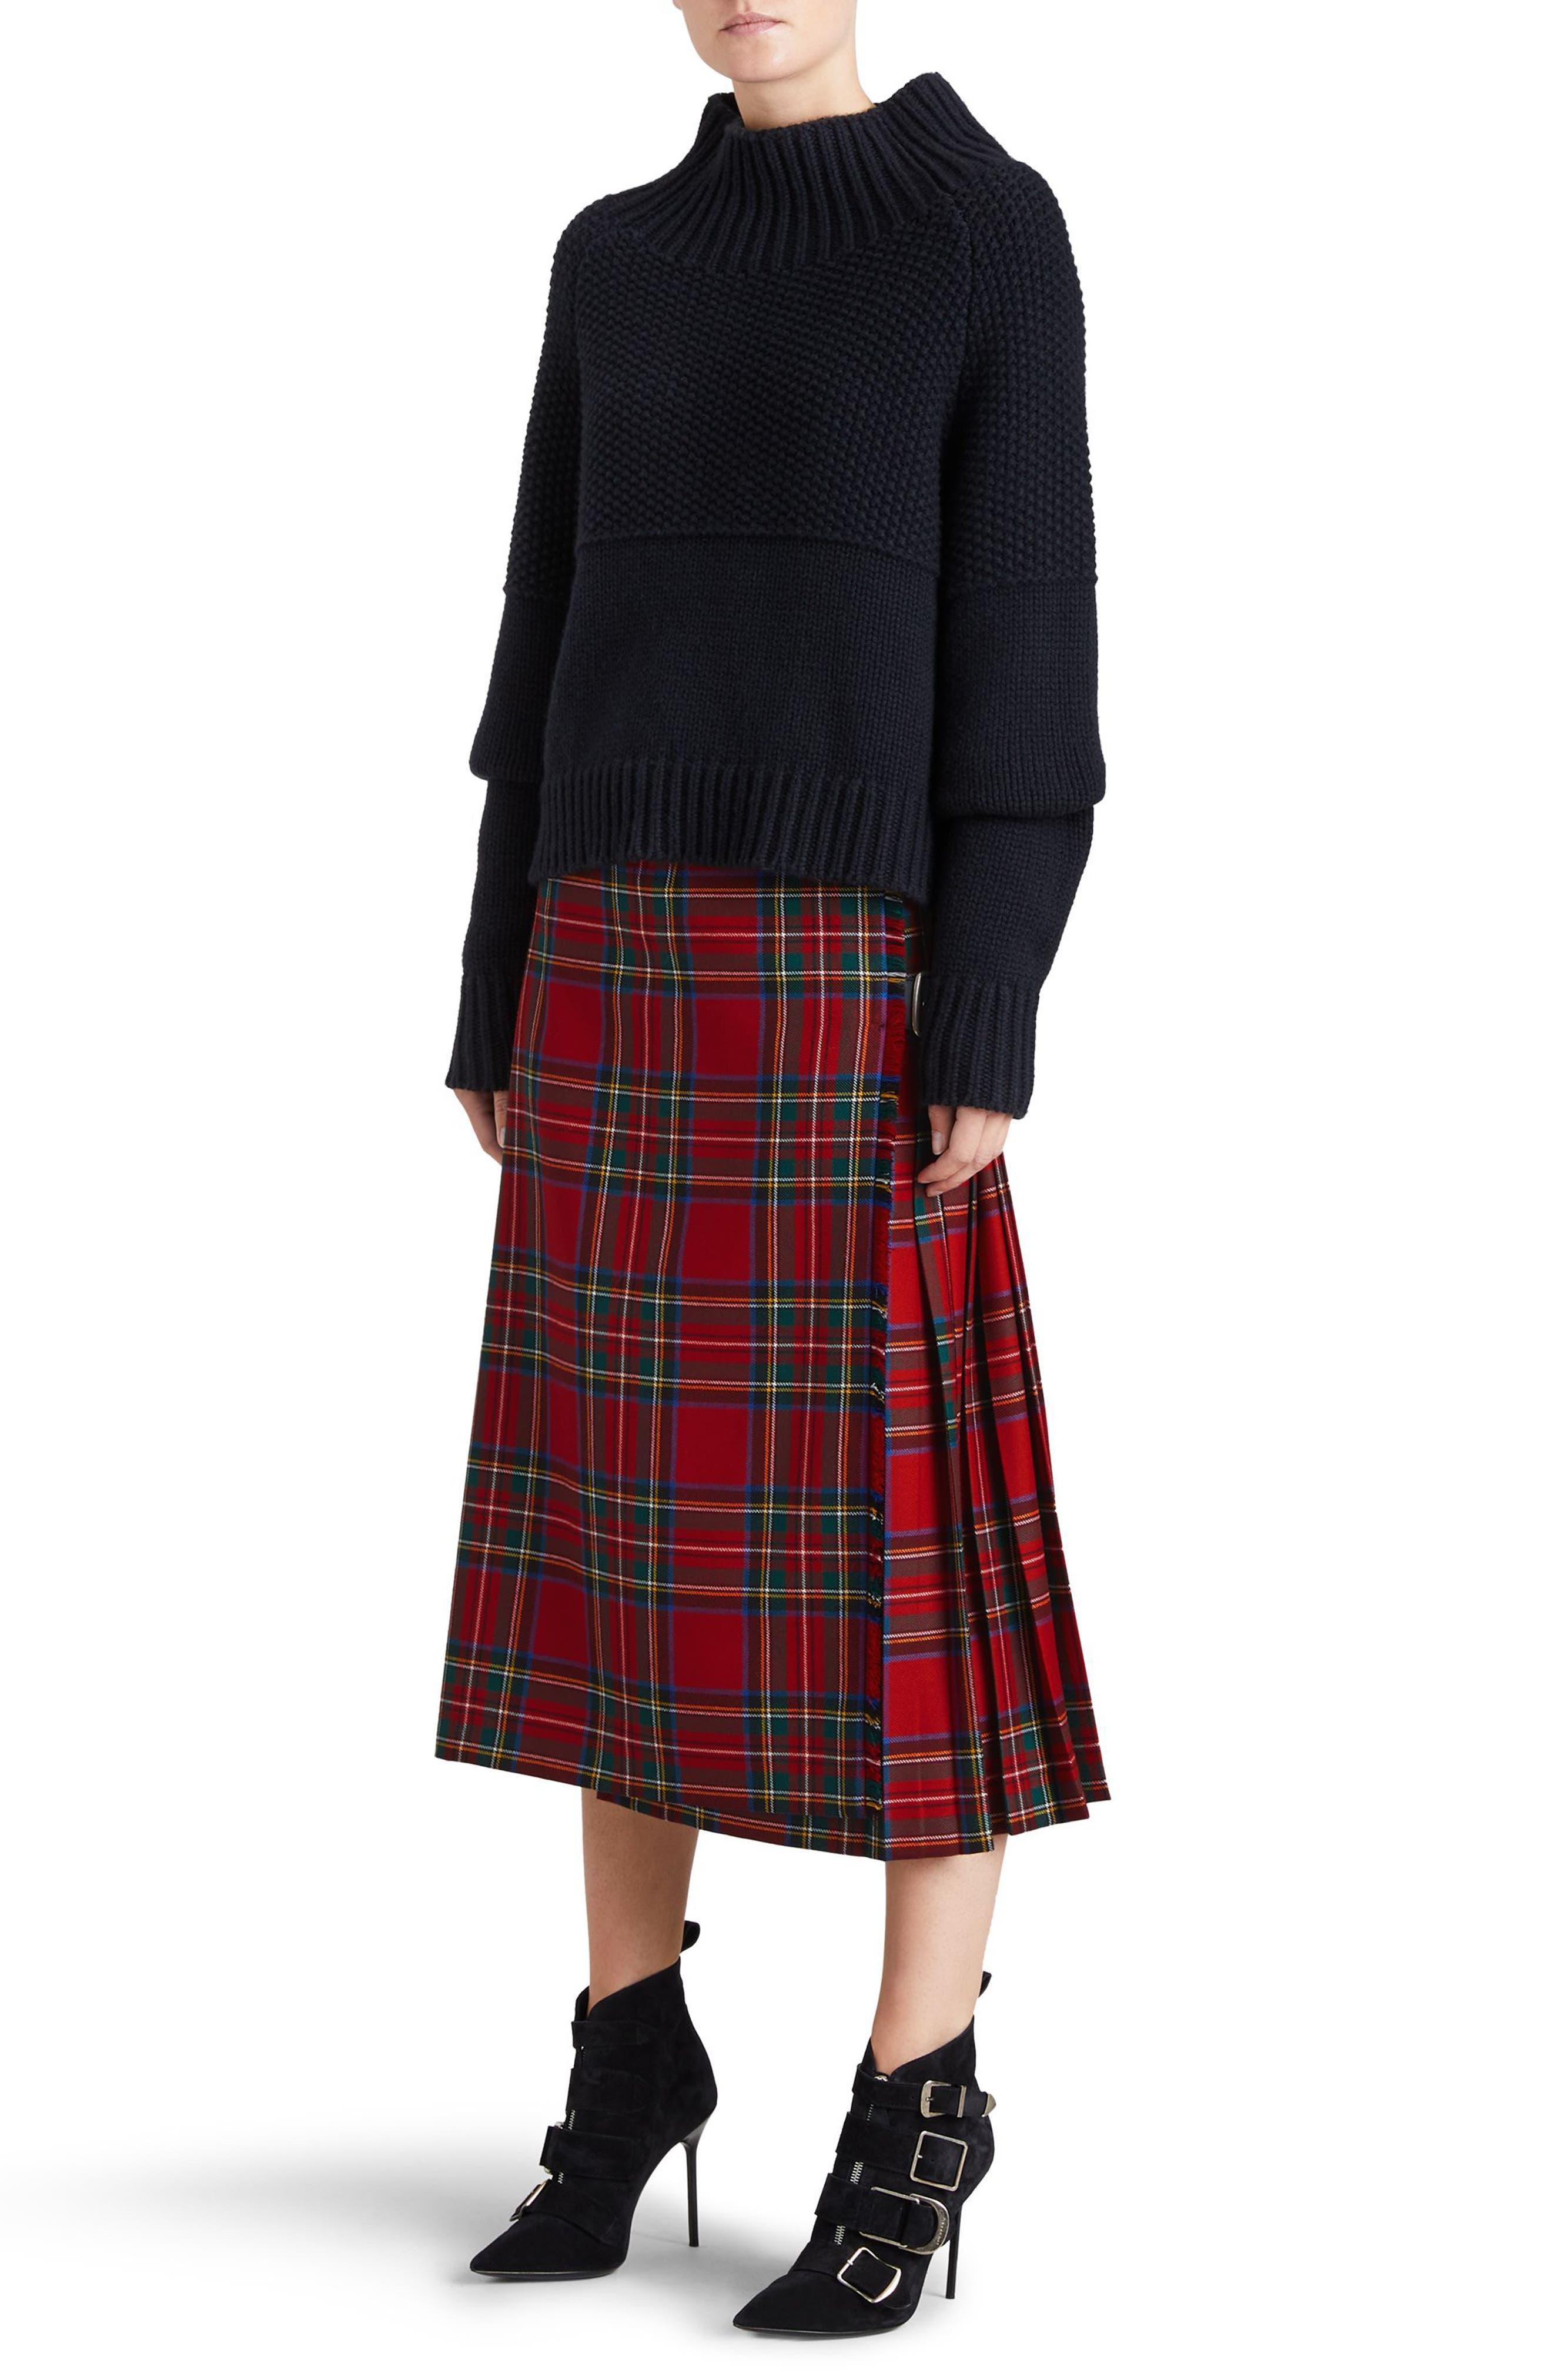 Taybridge Pleated Plaid Wool Midi Skirt,                             Alternate thumbnail 3, color,                             622